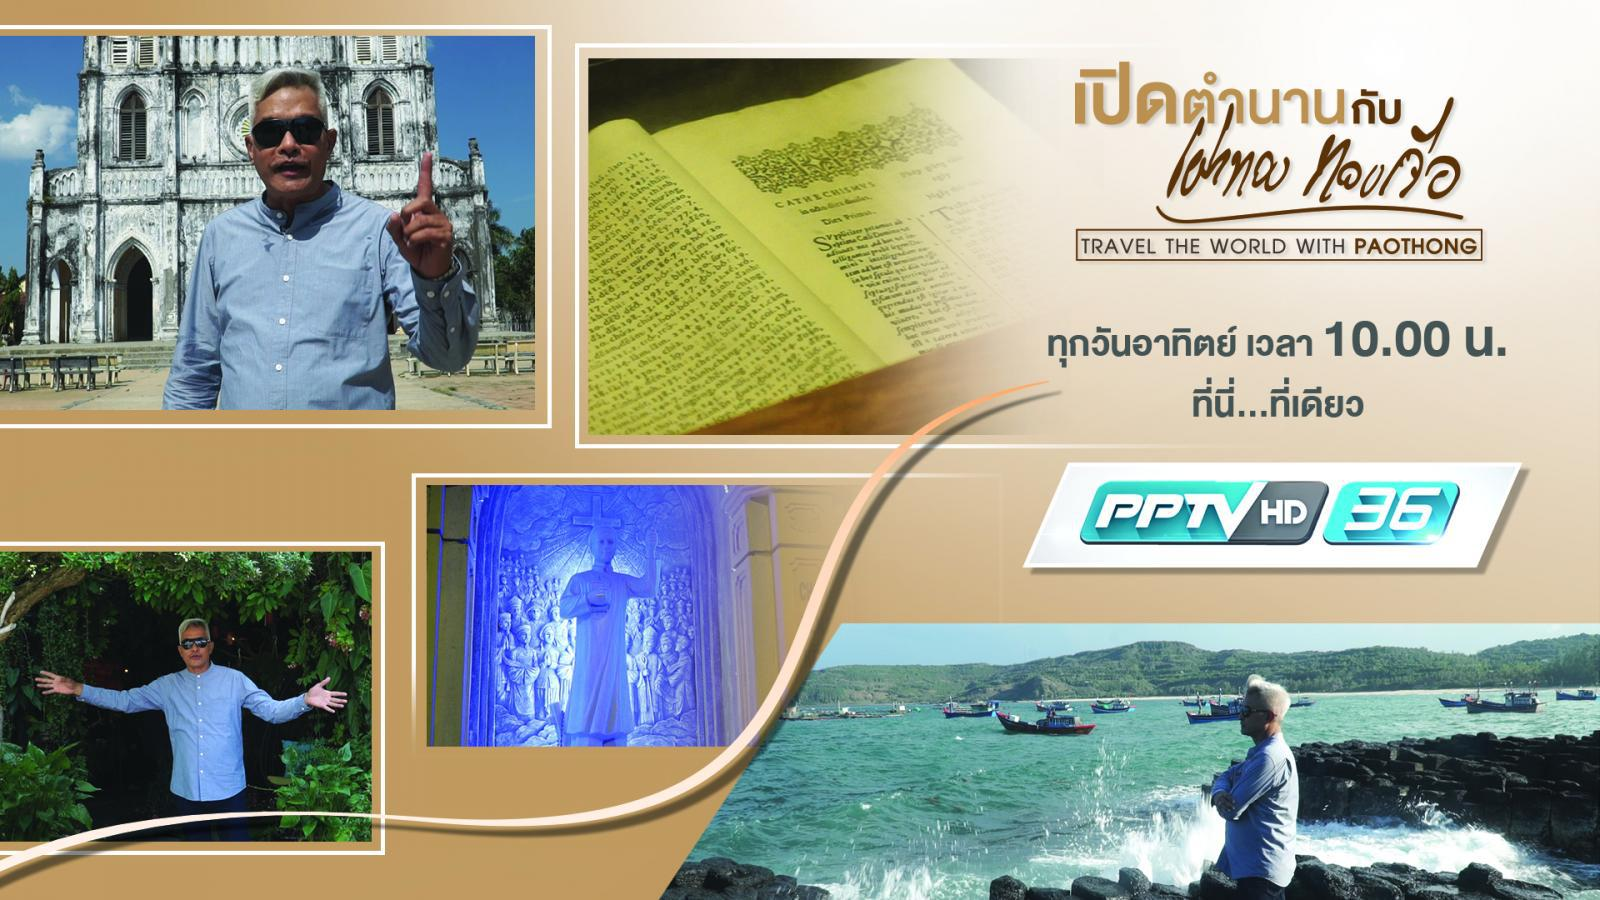 เมืองฝู๋เอียน ประเทศเวียดนาม